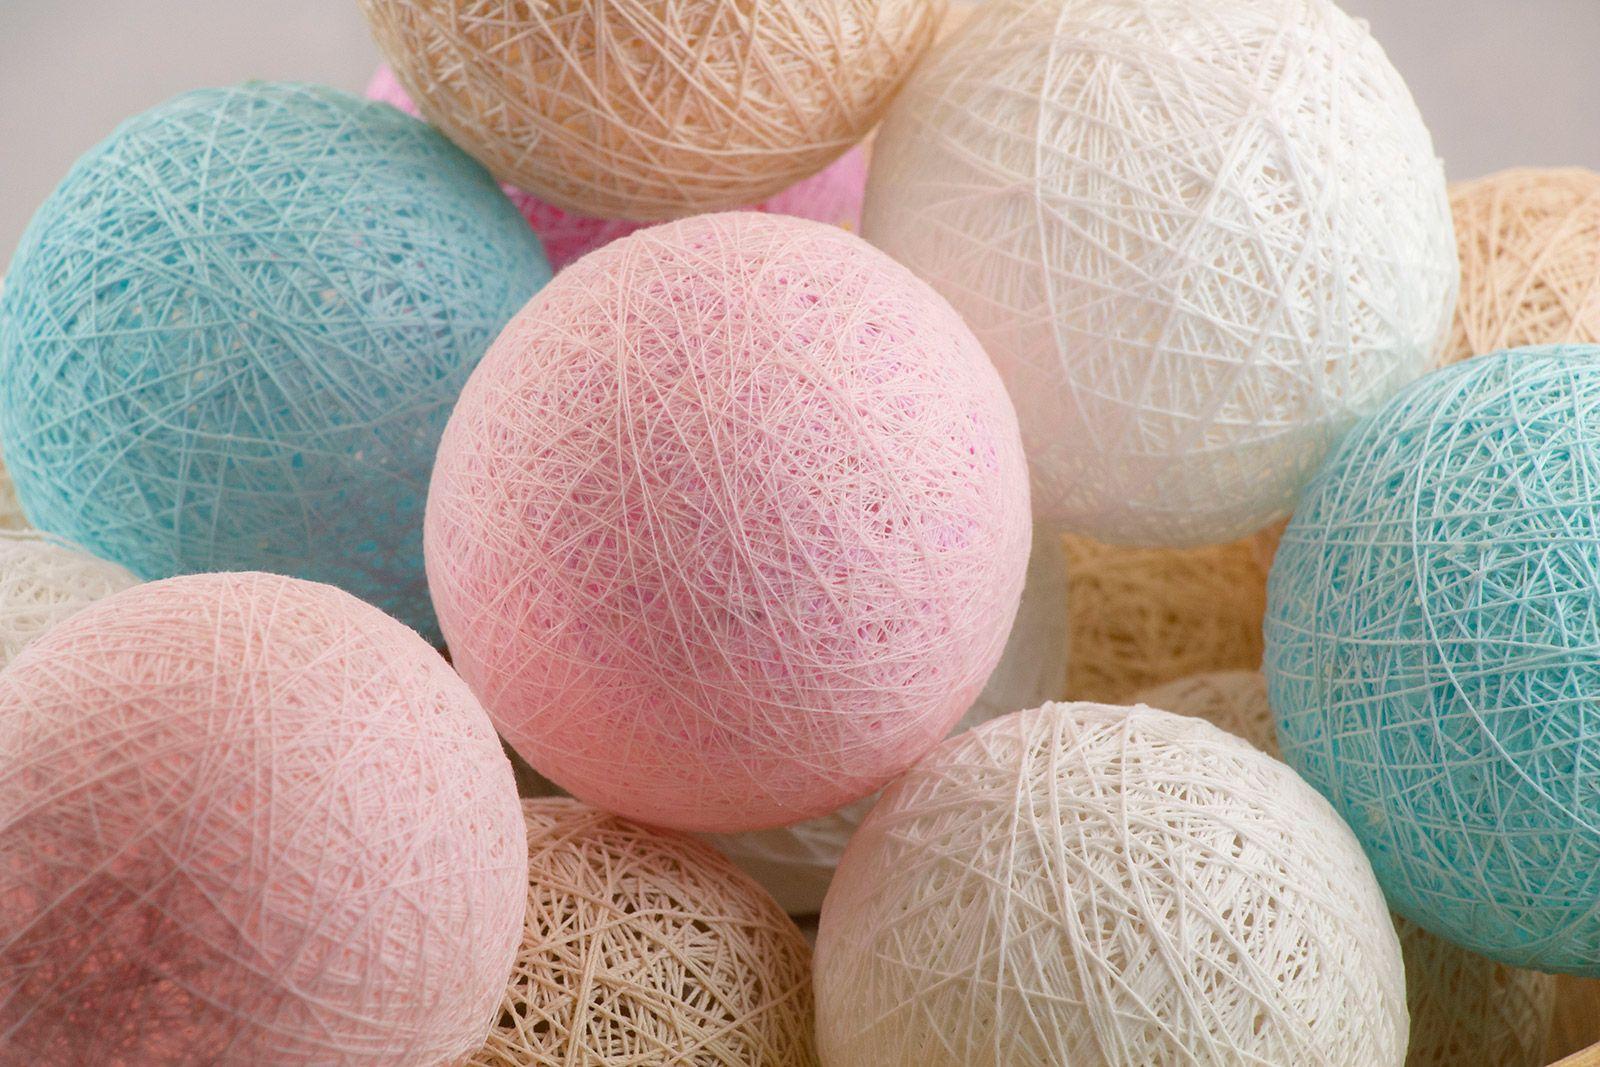 Diy jak samodzielnie zrobi cotton balls moje w asne cotton balls light pinterest - Cotton ballspractical ideas ...